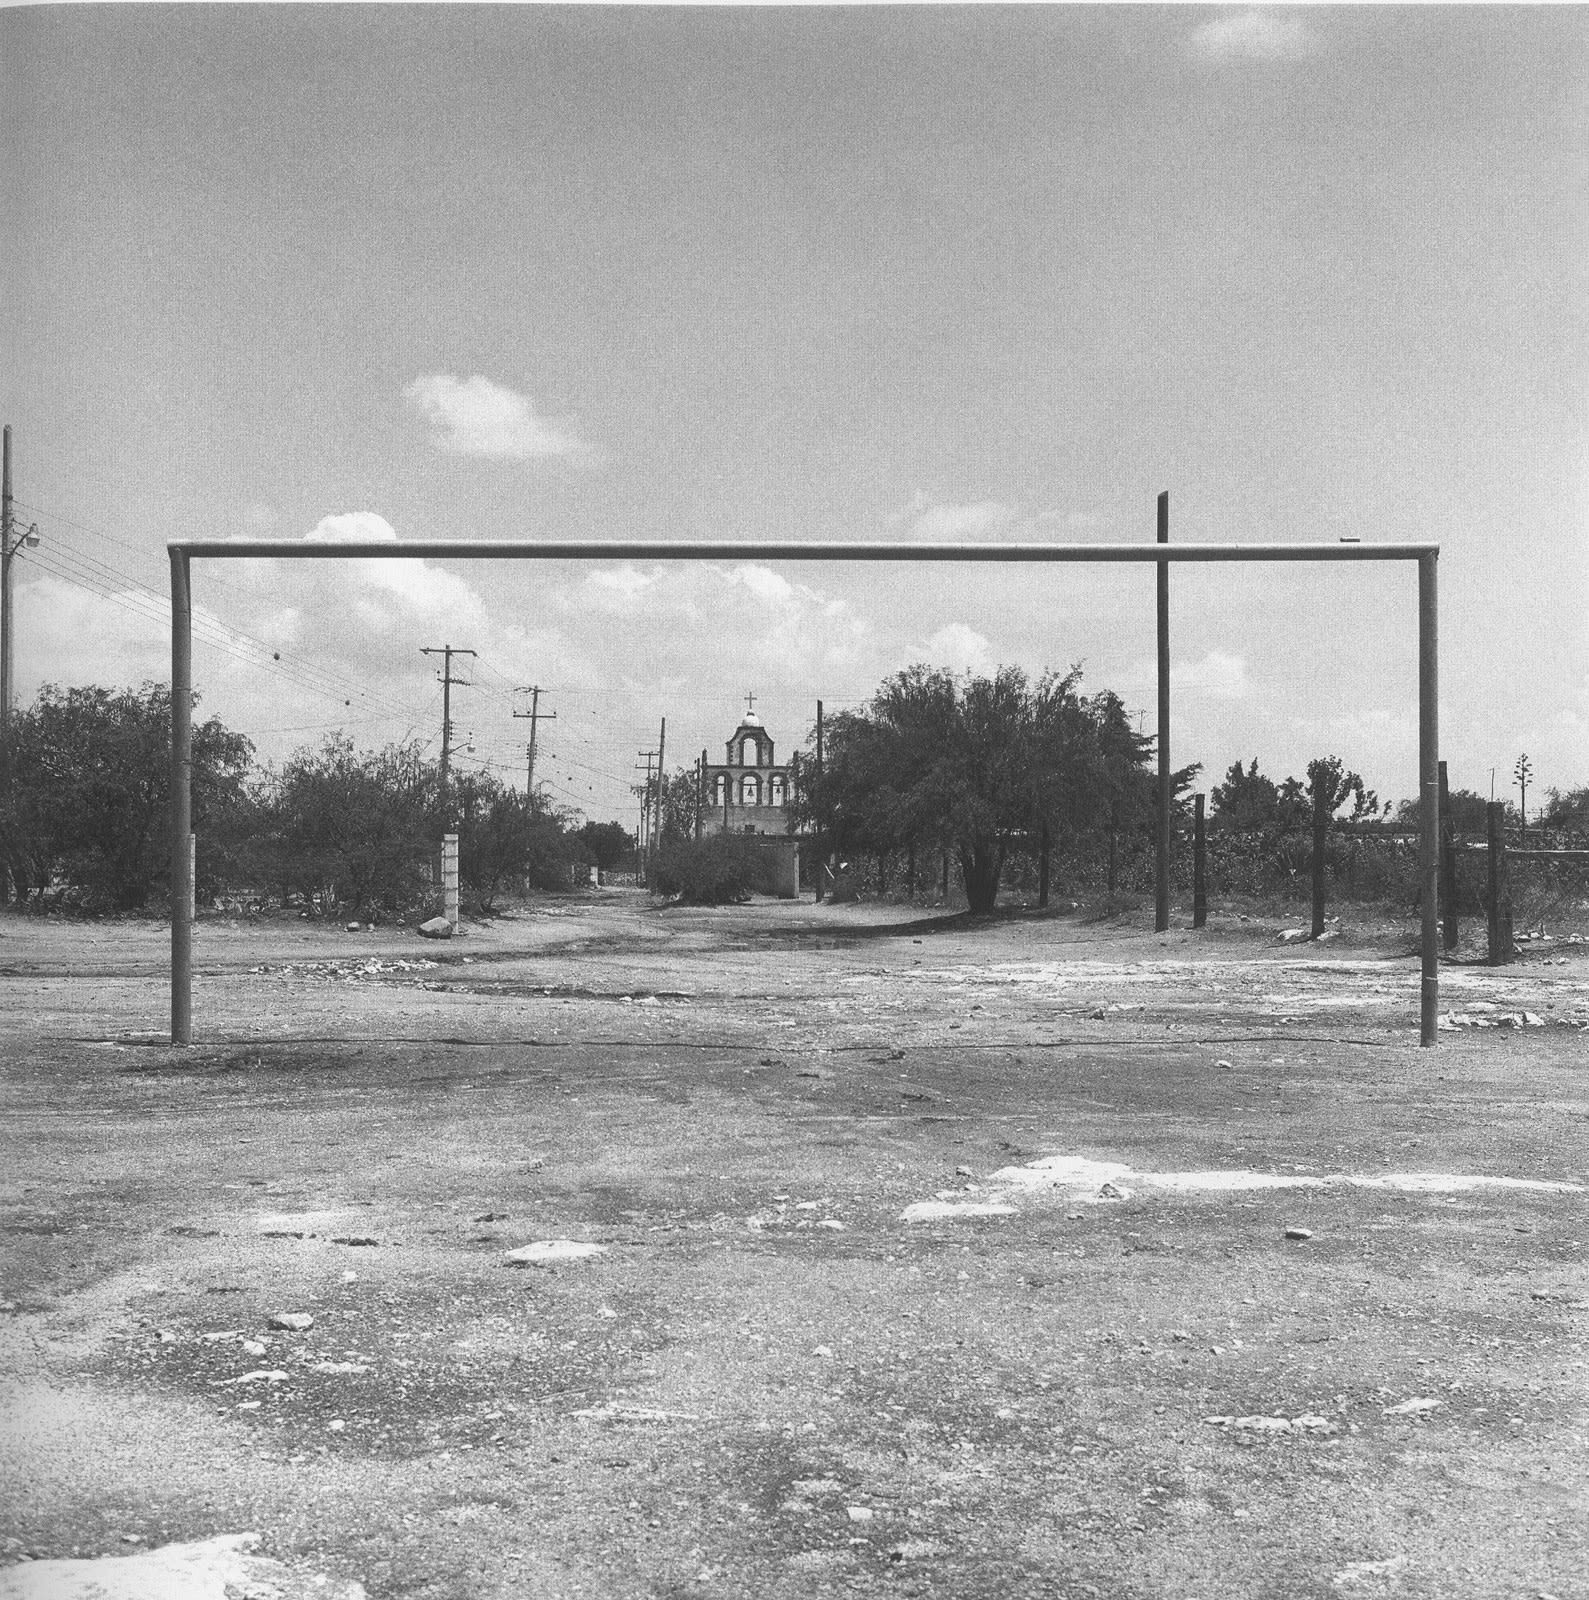 Pierre Schwartz, Dolores Hidalgo #2, Mexique, 2001